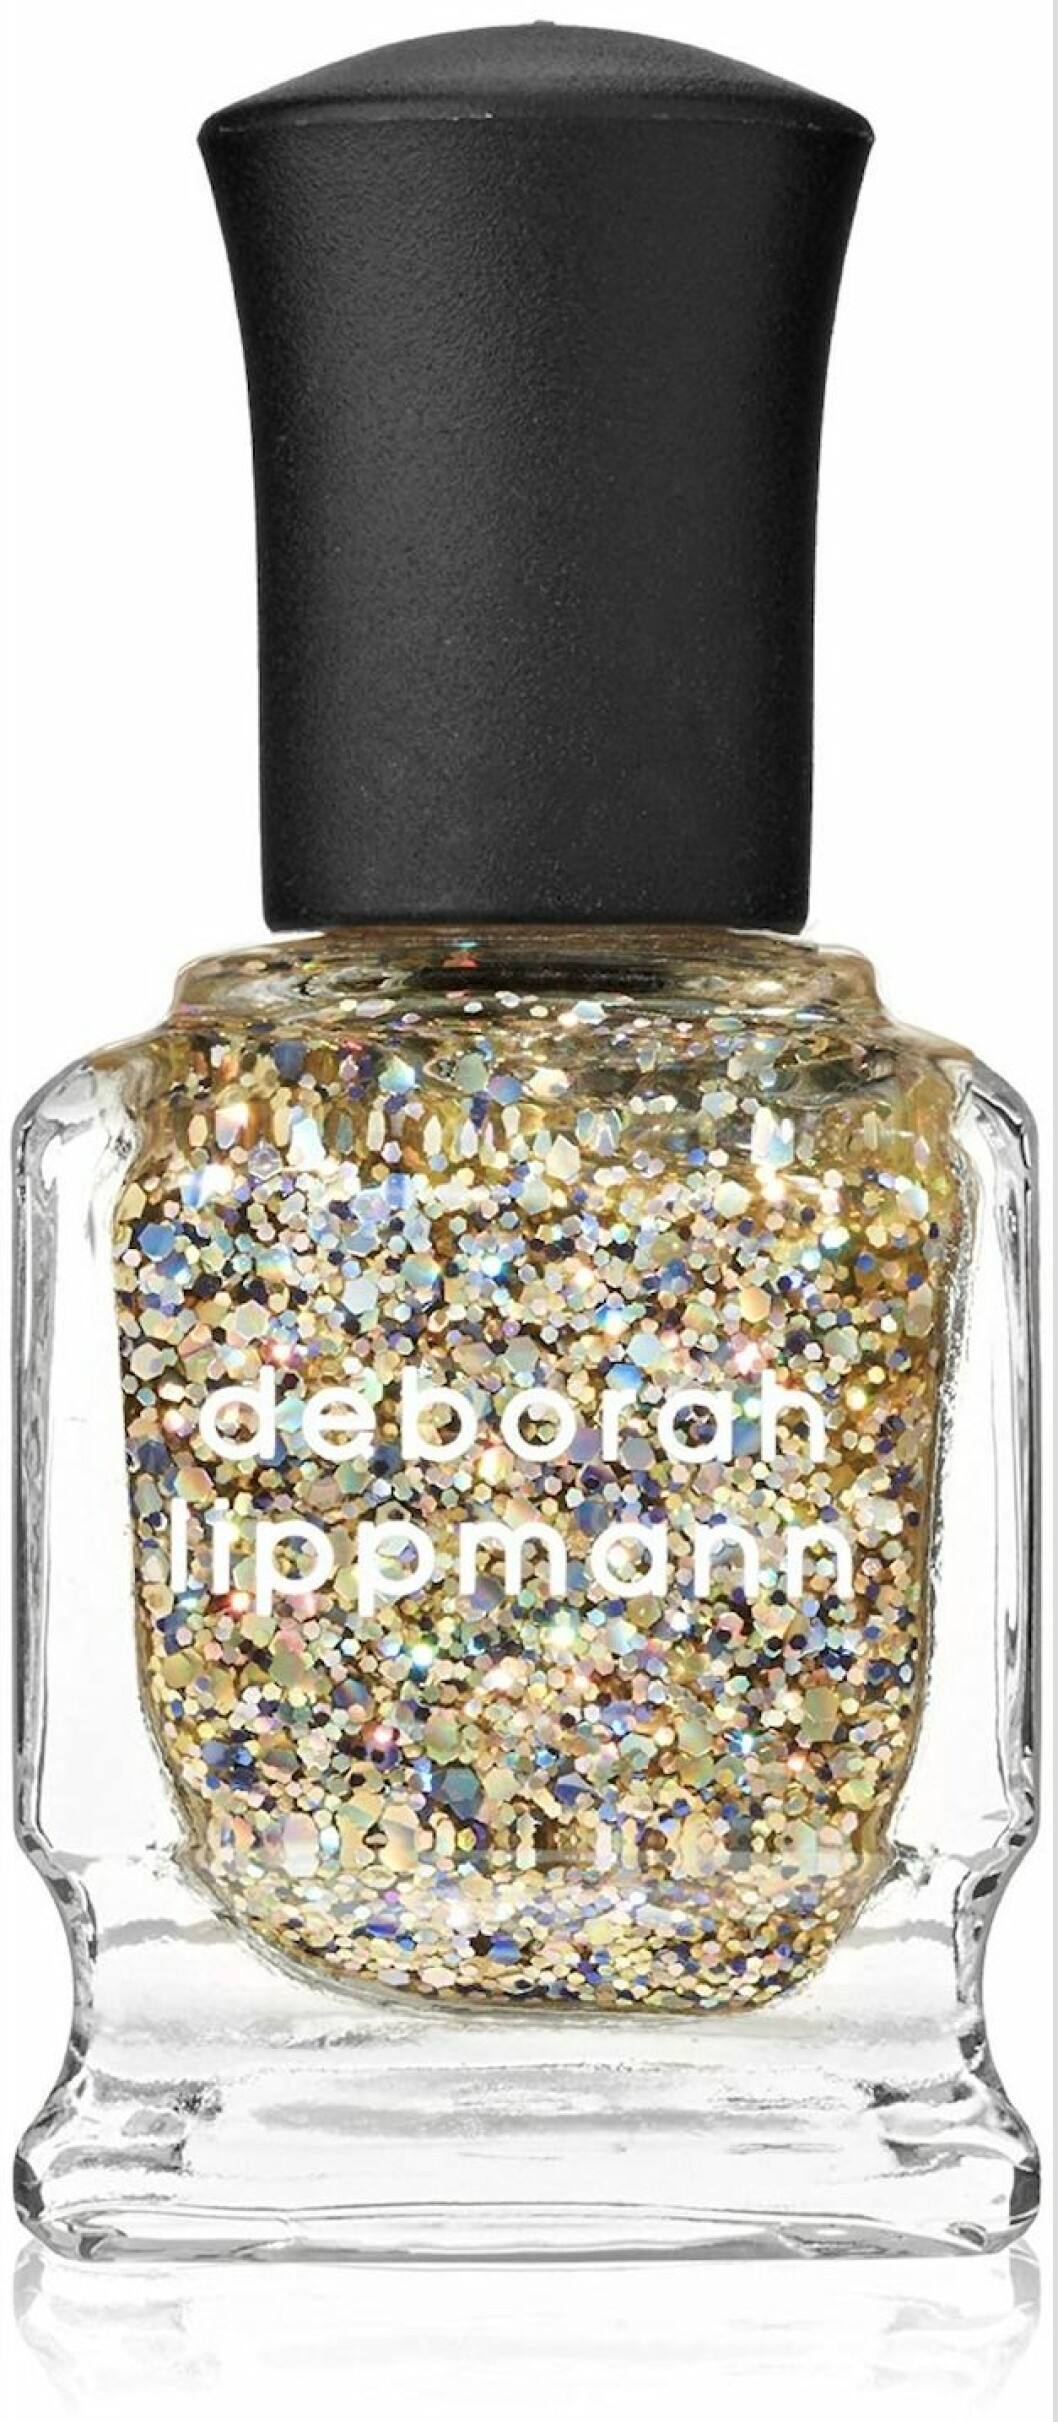 Med masse glitter (kr 170, Deborah Lippmann, The Golden Rule).